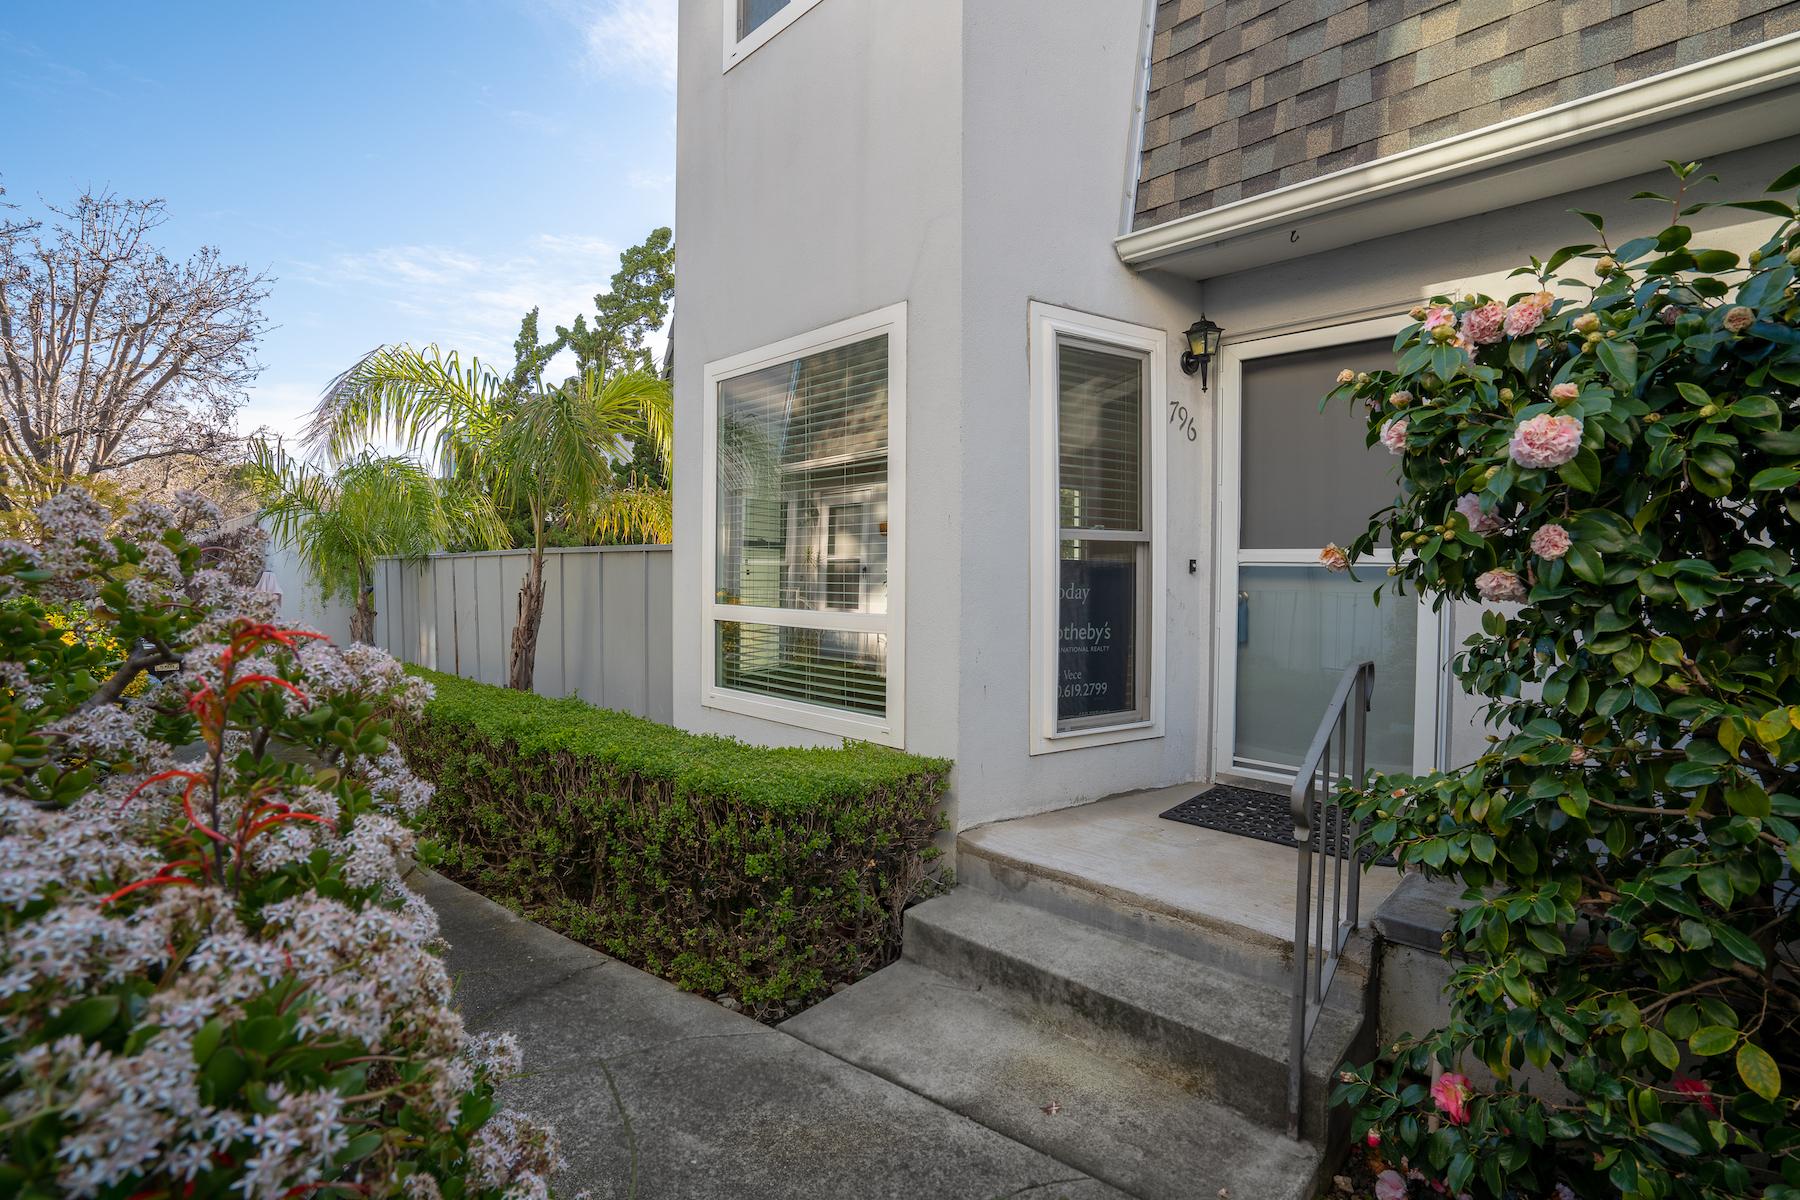 Condominium for Active at Wonderful Condominium 796 Arguello Street, #104 Redwood City, California 94063 United States